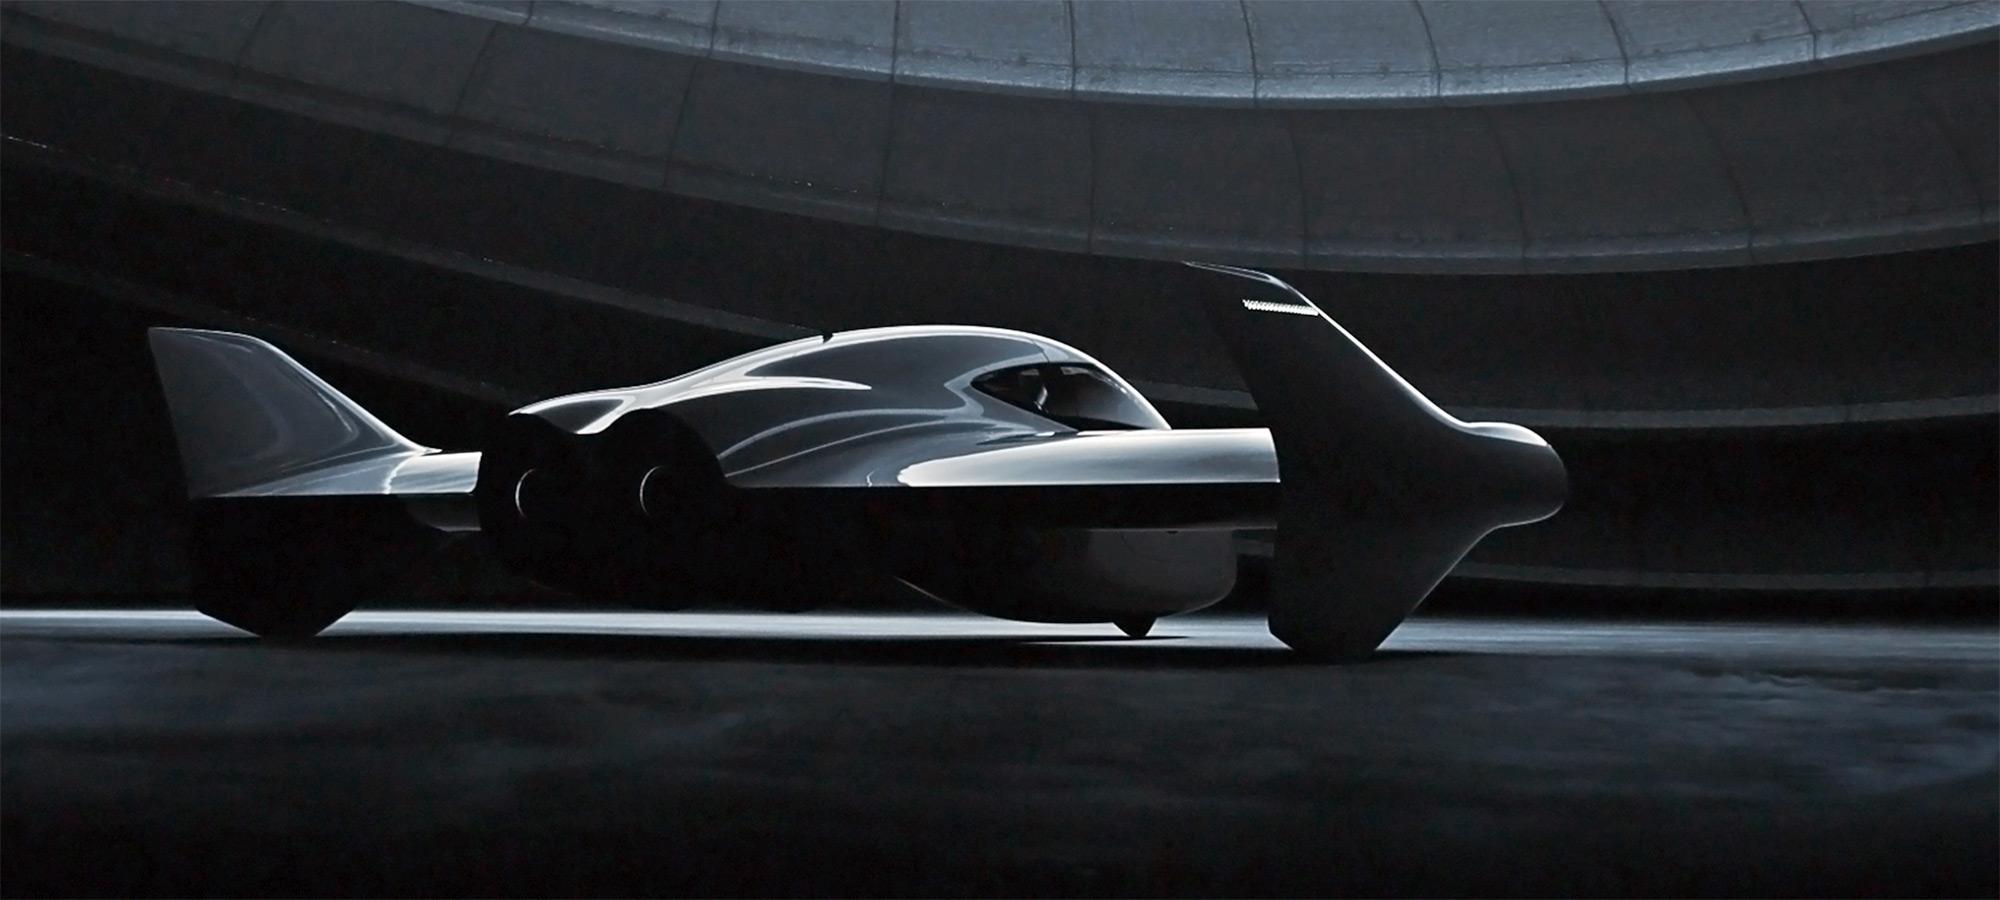 Το μέλλον των αυτοκινήτων είναι και… ιπτάμενο! (pics)